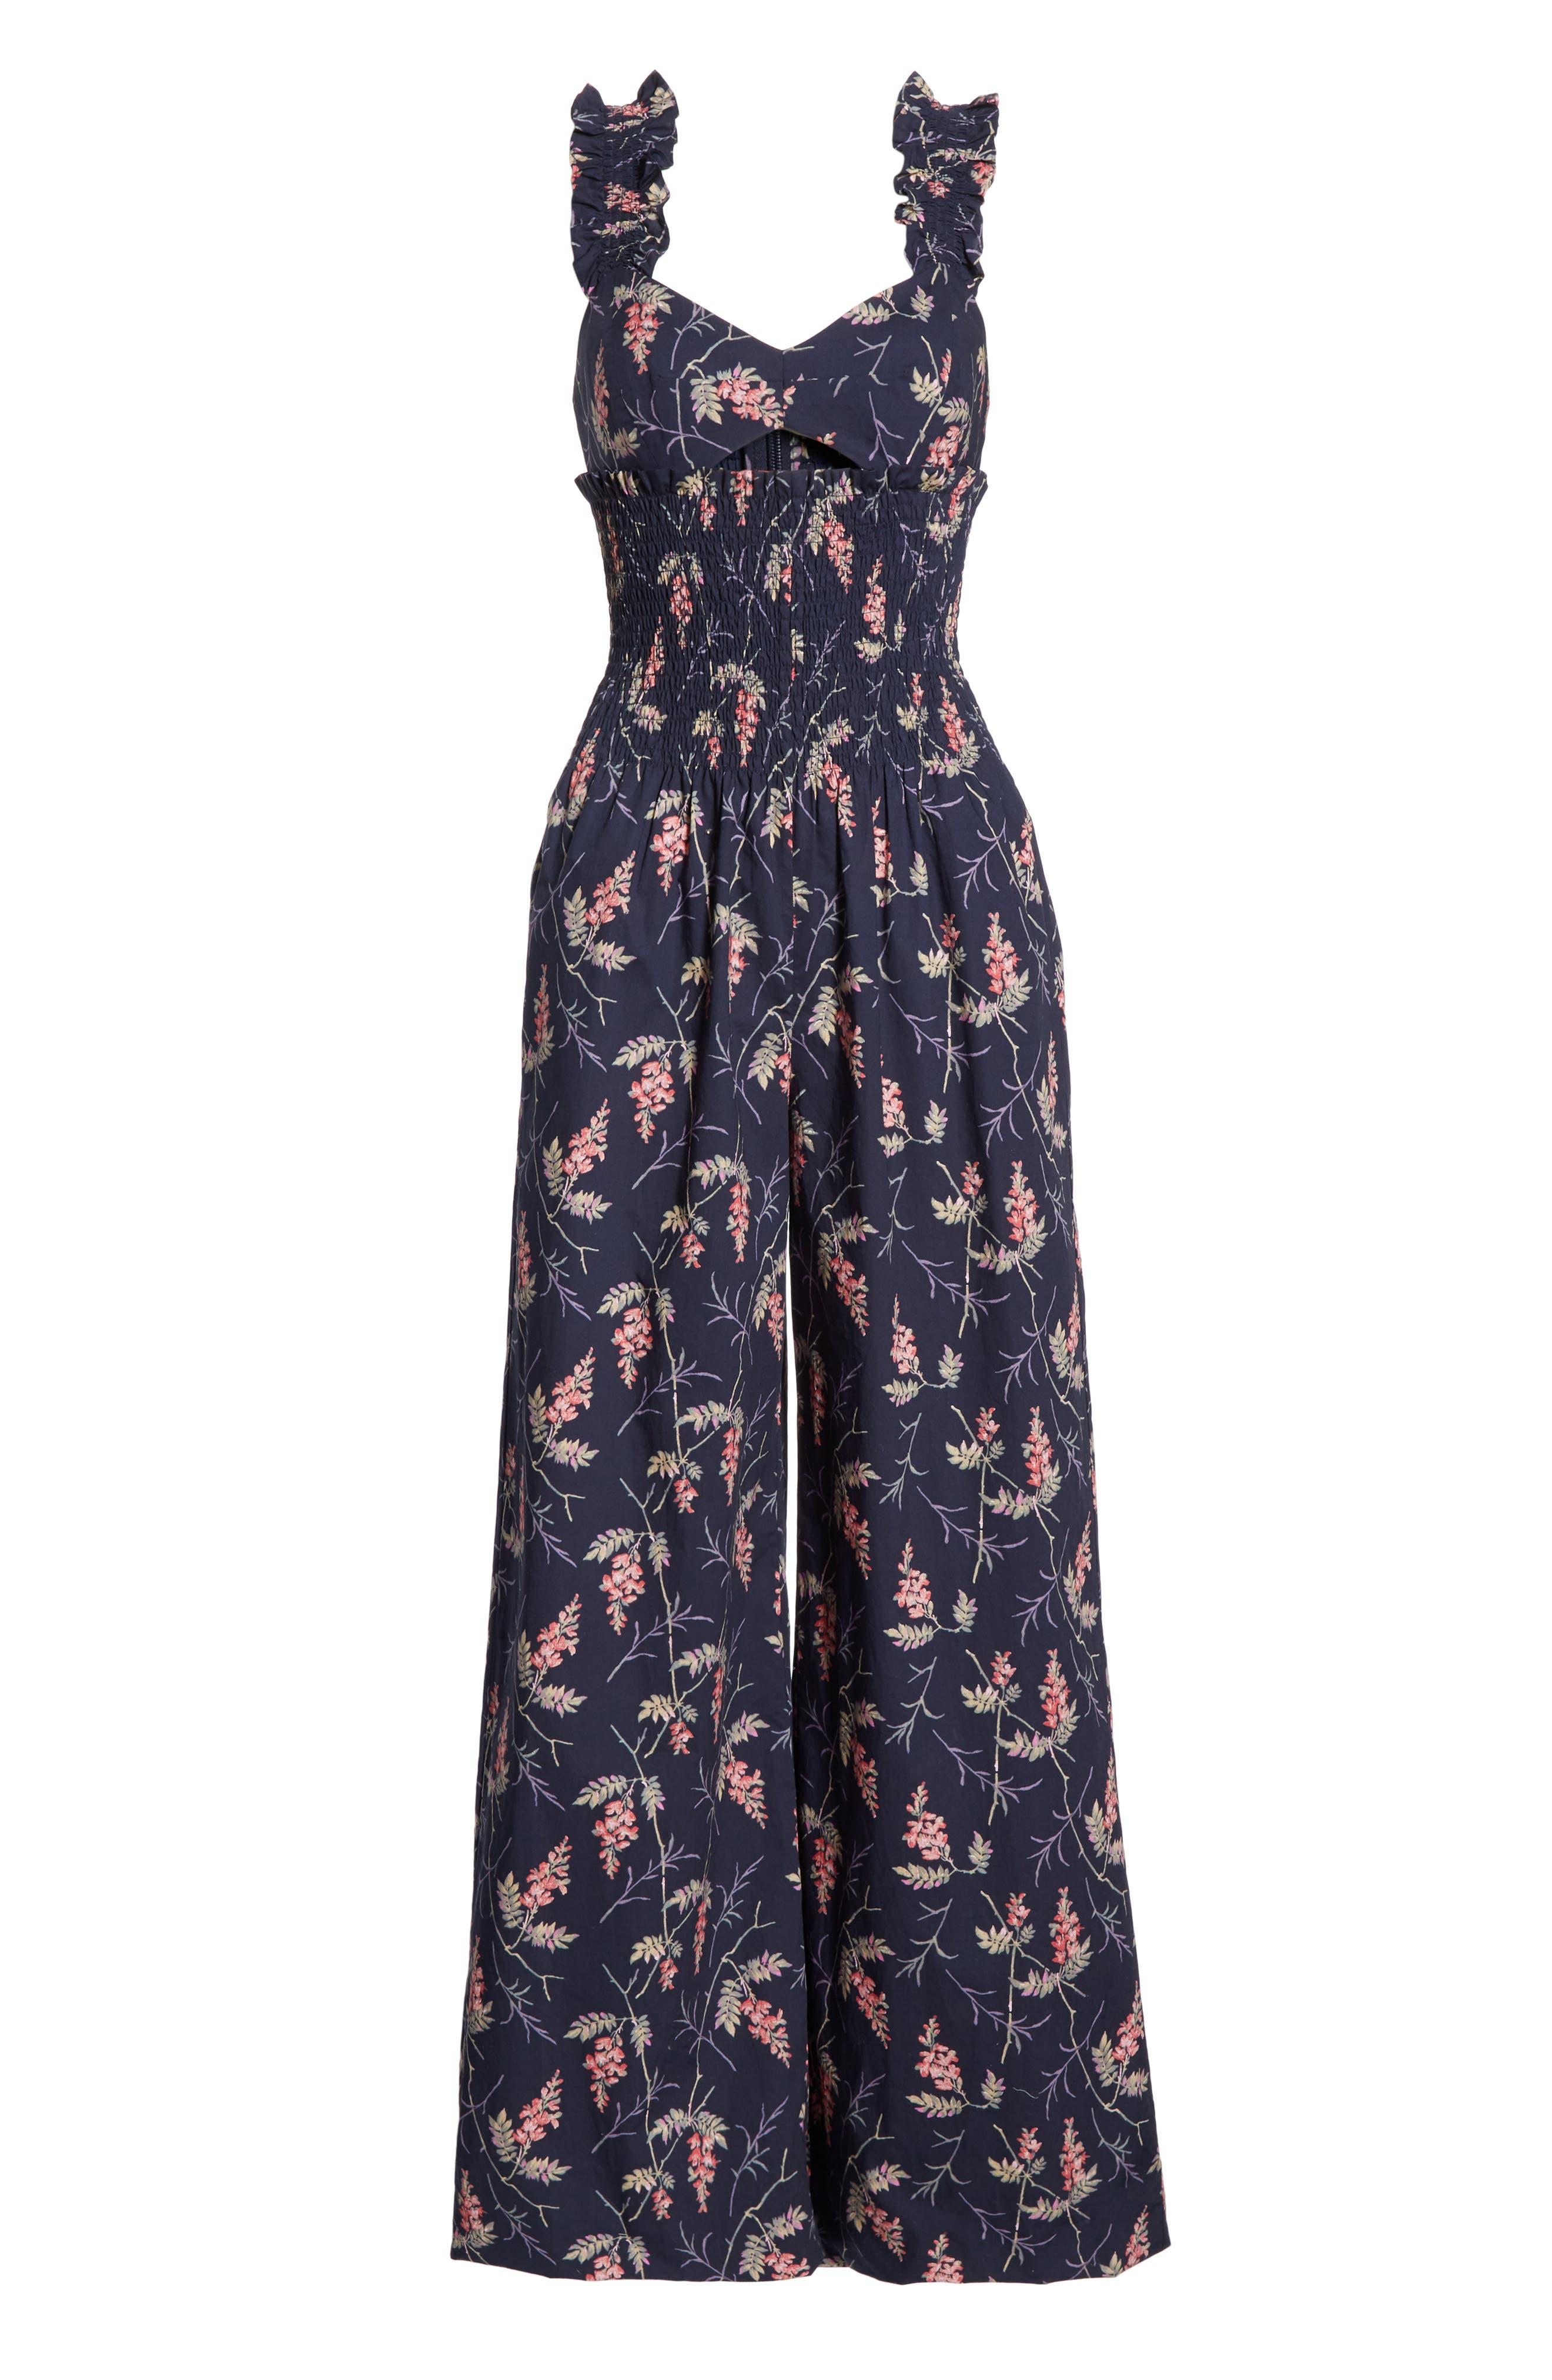 REBECCA TAYLOR, Ivie Floral Cotton Jumpsuit, Alternate thumbnail 6, color, NAVY COMBO